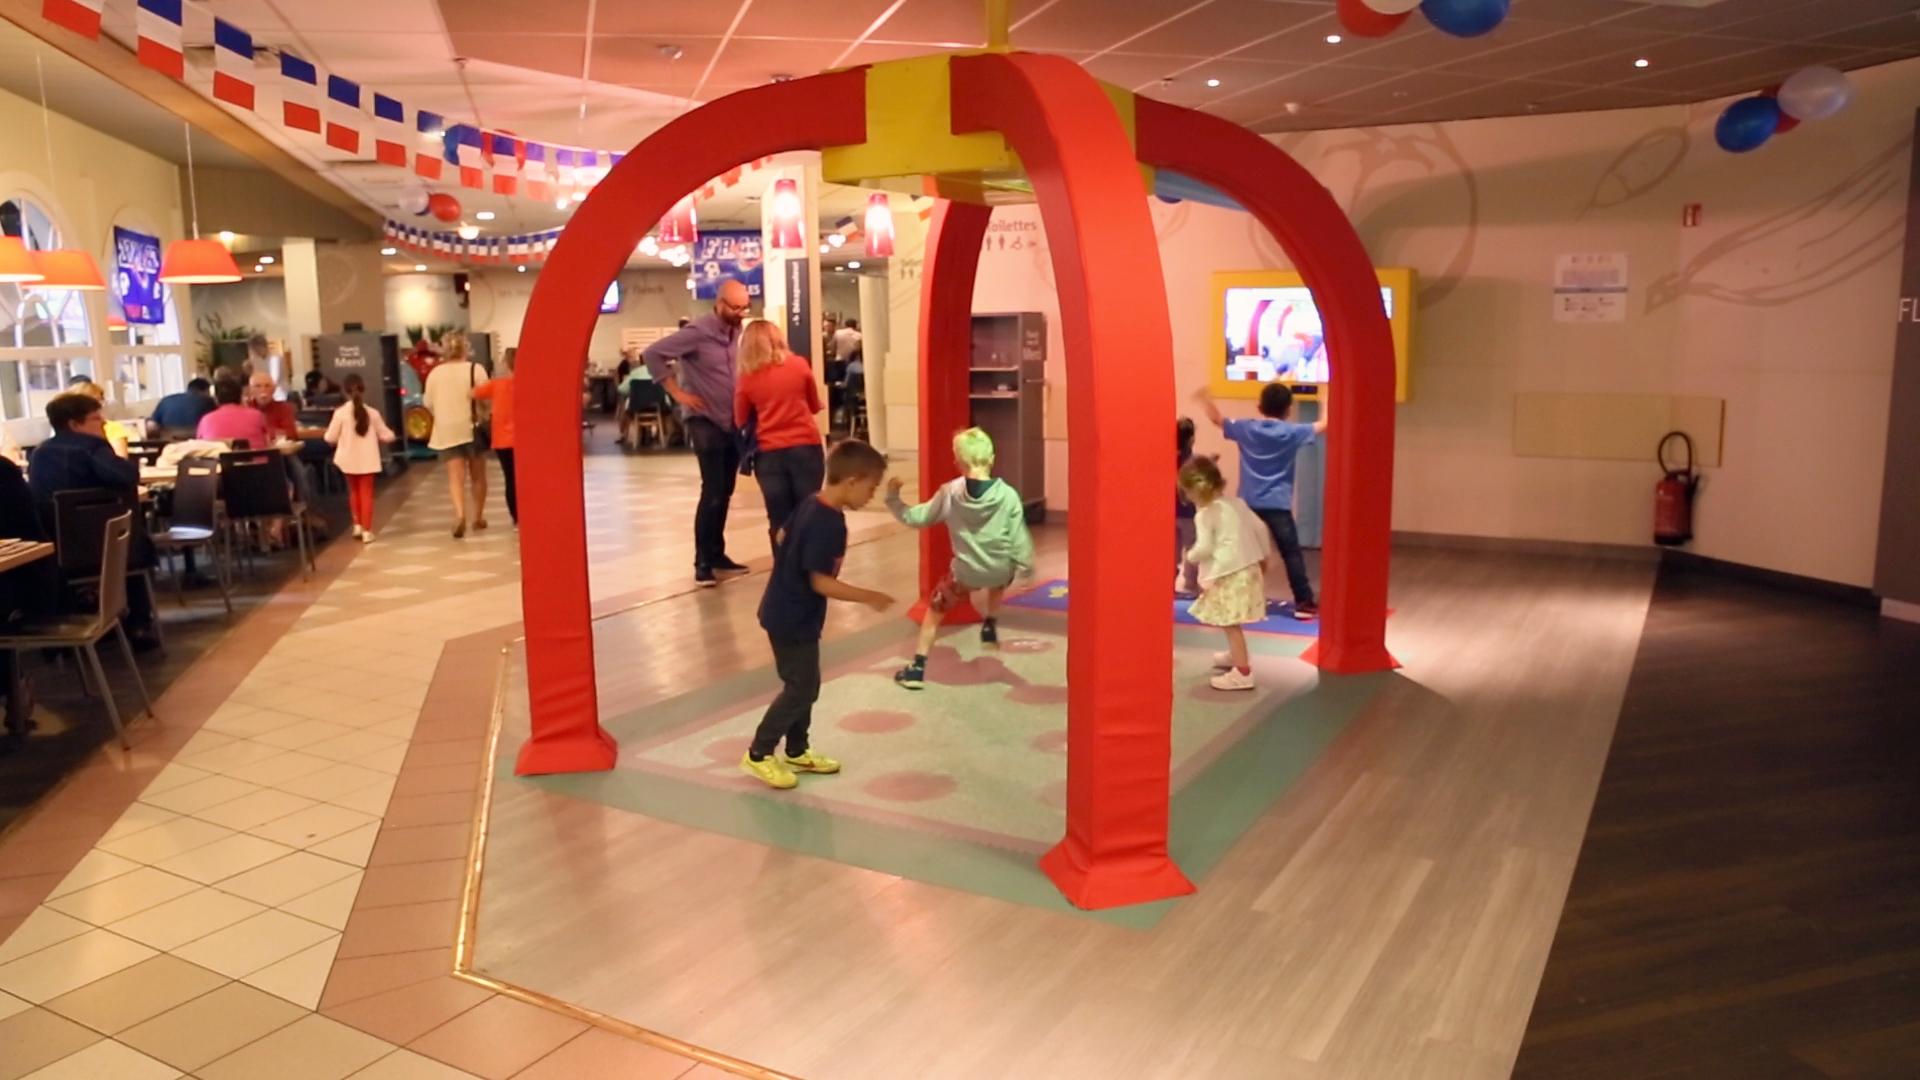 Plus De 80 Restaurants Flunch Équipés D'aires De Jeux destiné Jeu Interactif Enfant